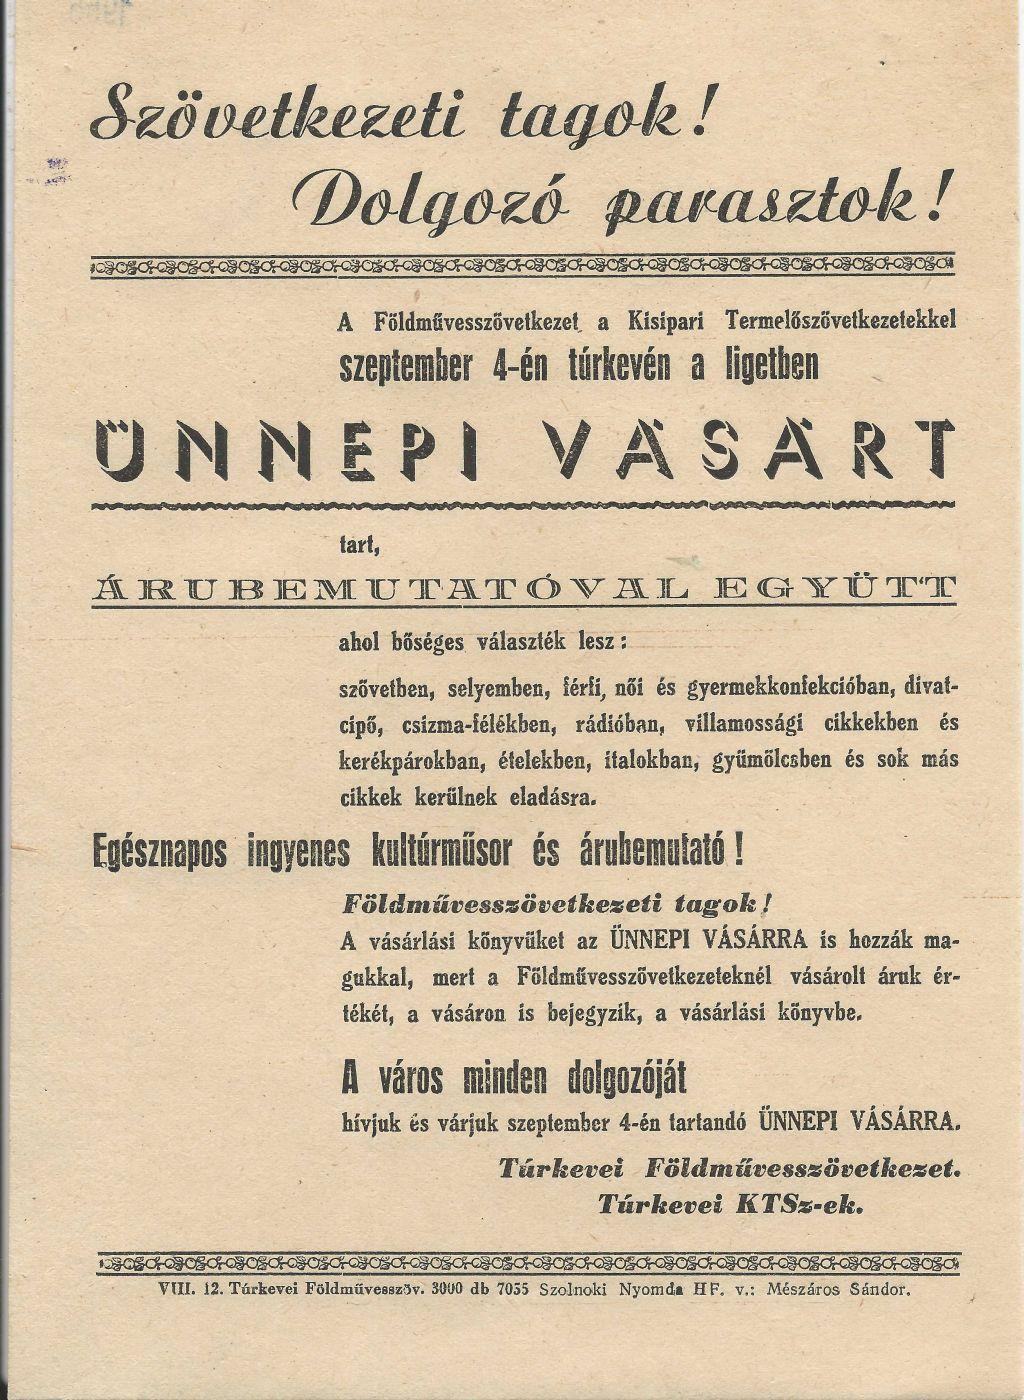 Ünnepi Vásár Túrkevén 1955. szeptember 3-án.